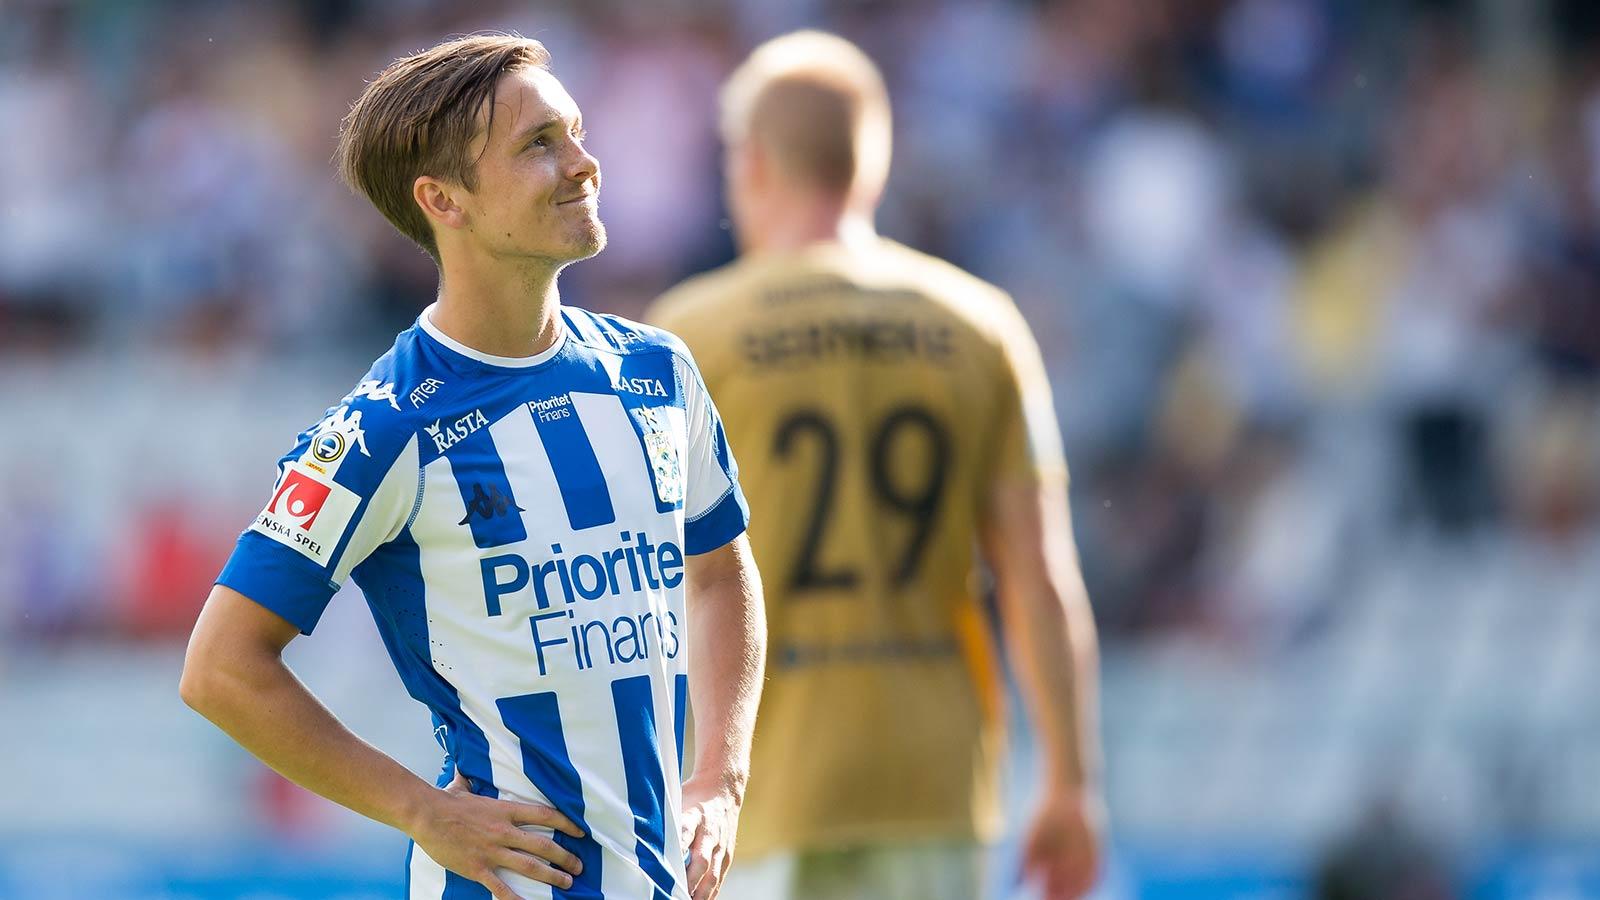 180728 IFK Göteborgs Patrik Karlsson Lagemyr tittar upp mot klacken efter fotbollsmatchen i allsvenskan mellan IFK Göteborg och Brommapojkarna den 28 juli 2018 i Göteborg.